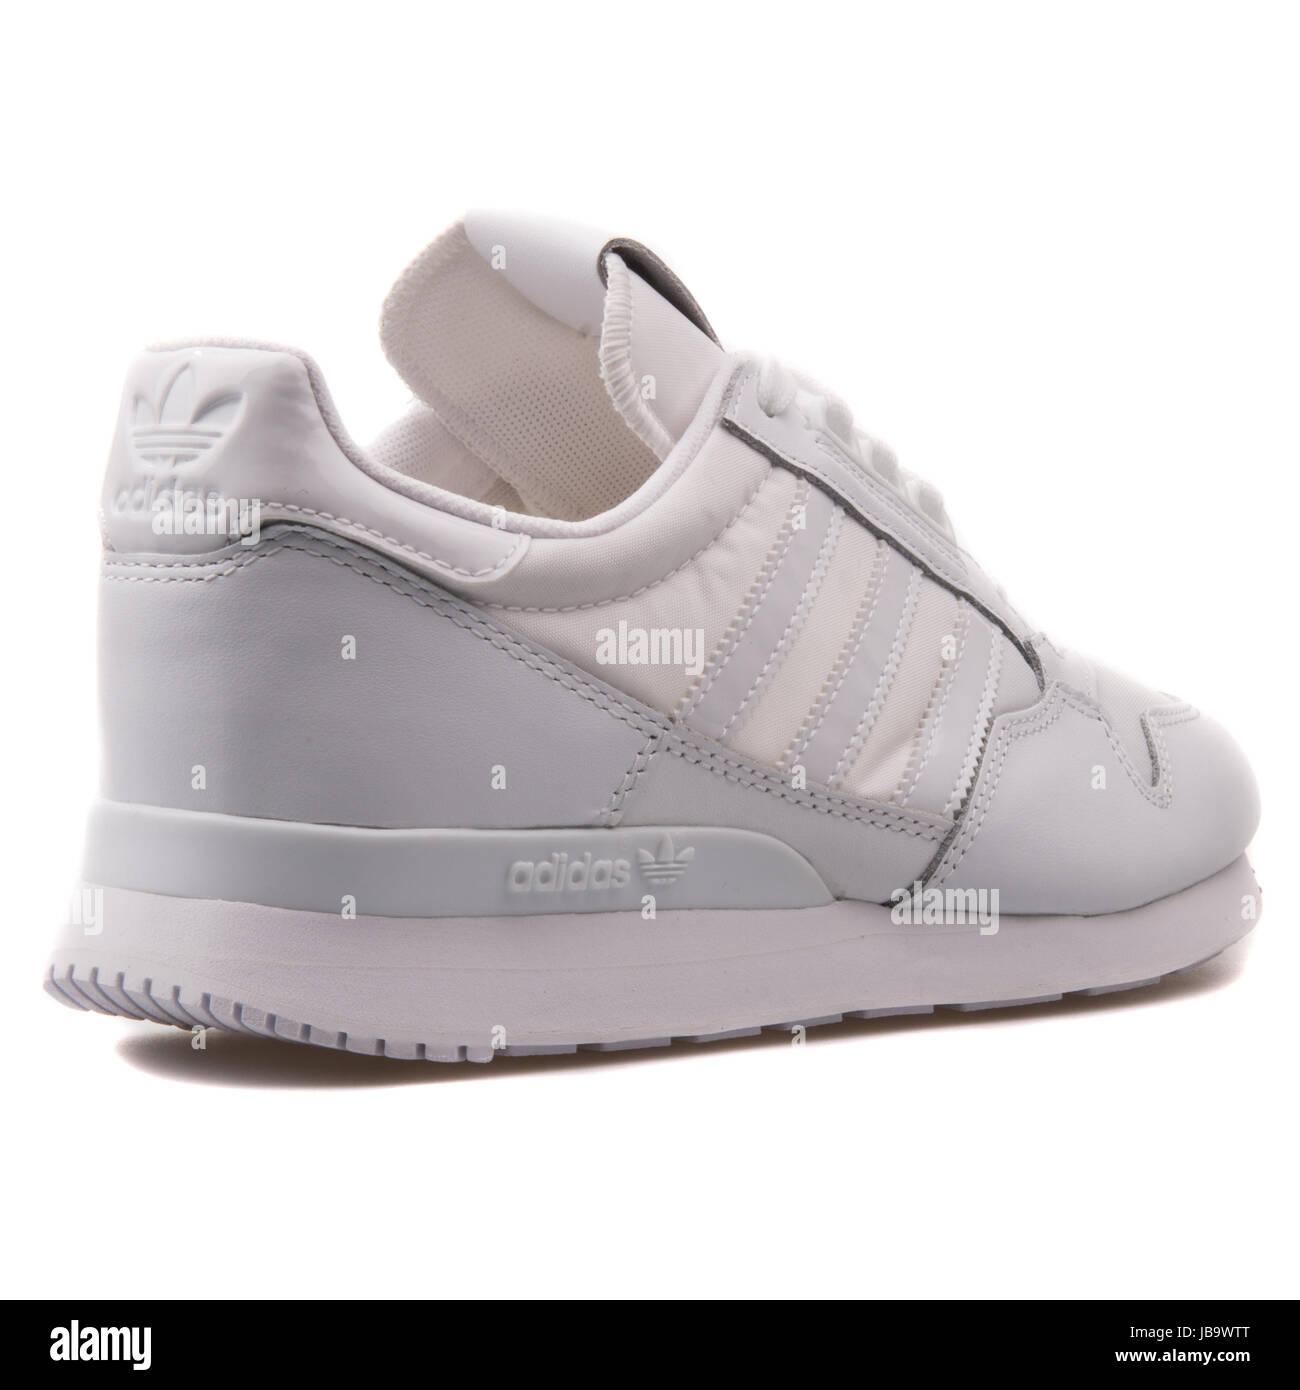 adidas zx 500 og white